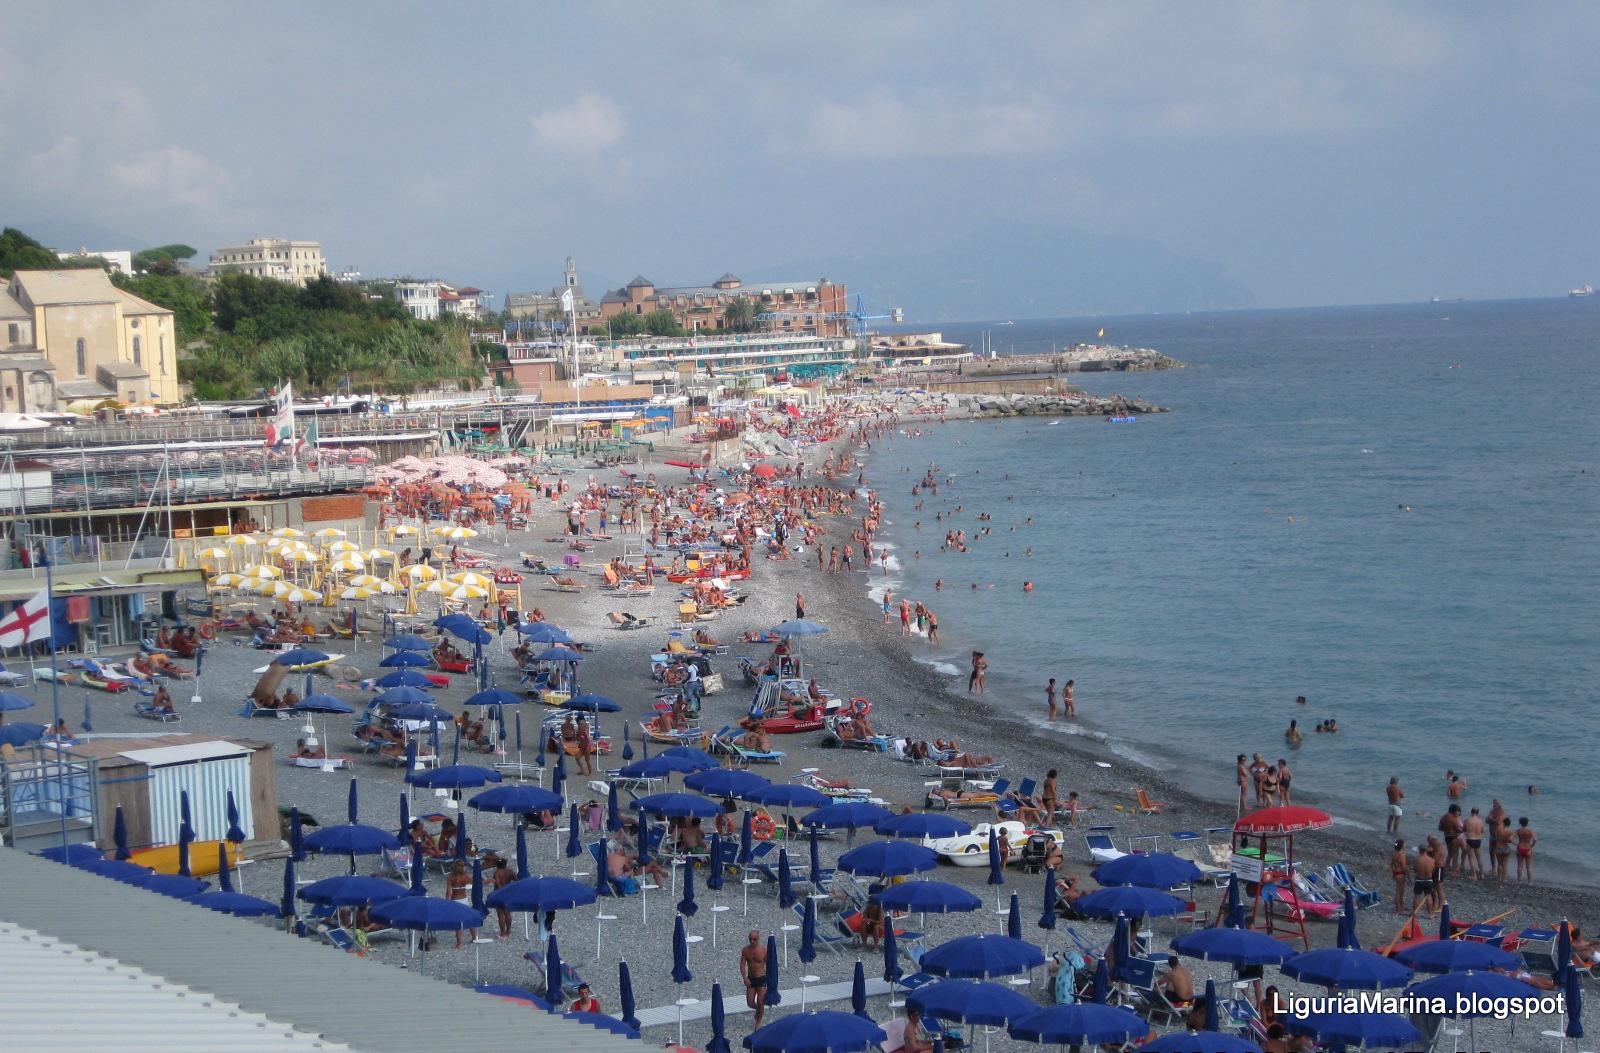 Liguriamarina genova spiagge e mare for Lungomare genova